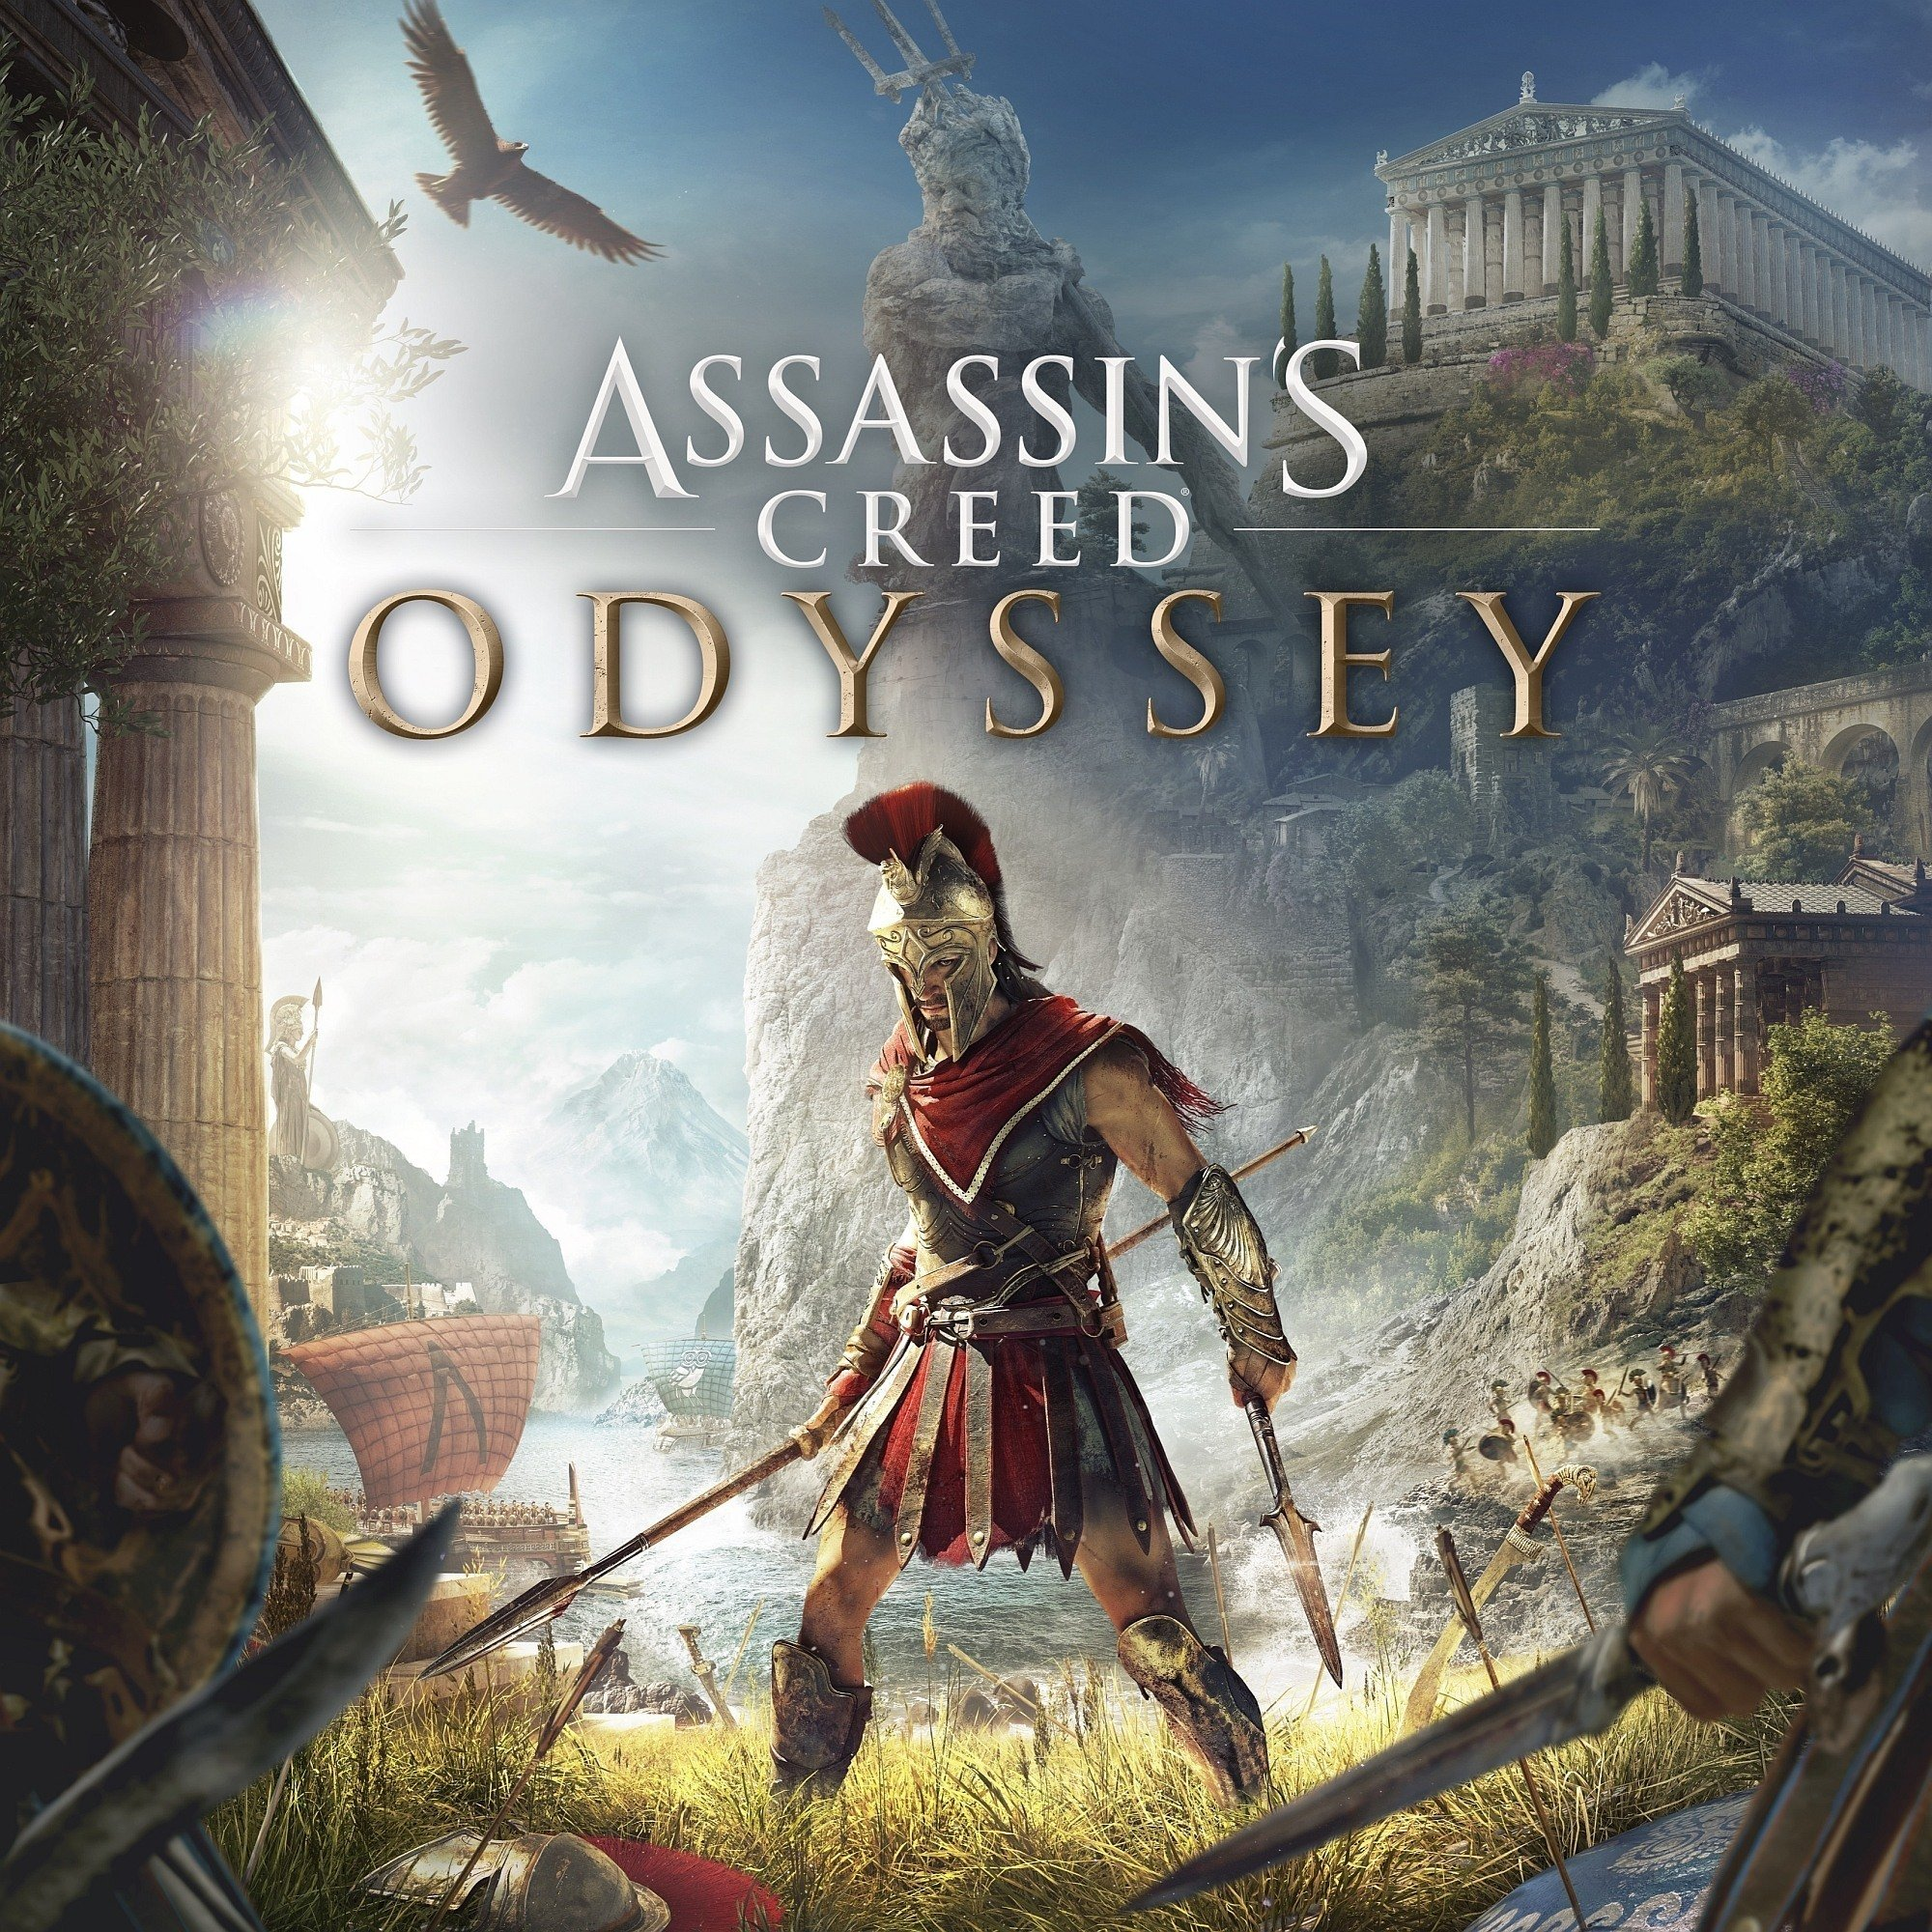 assassins-creed-odyssey---button-1-1528839461468.jpg